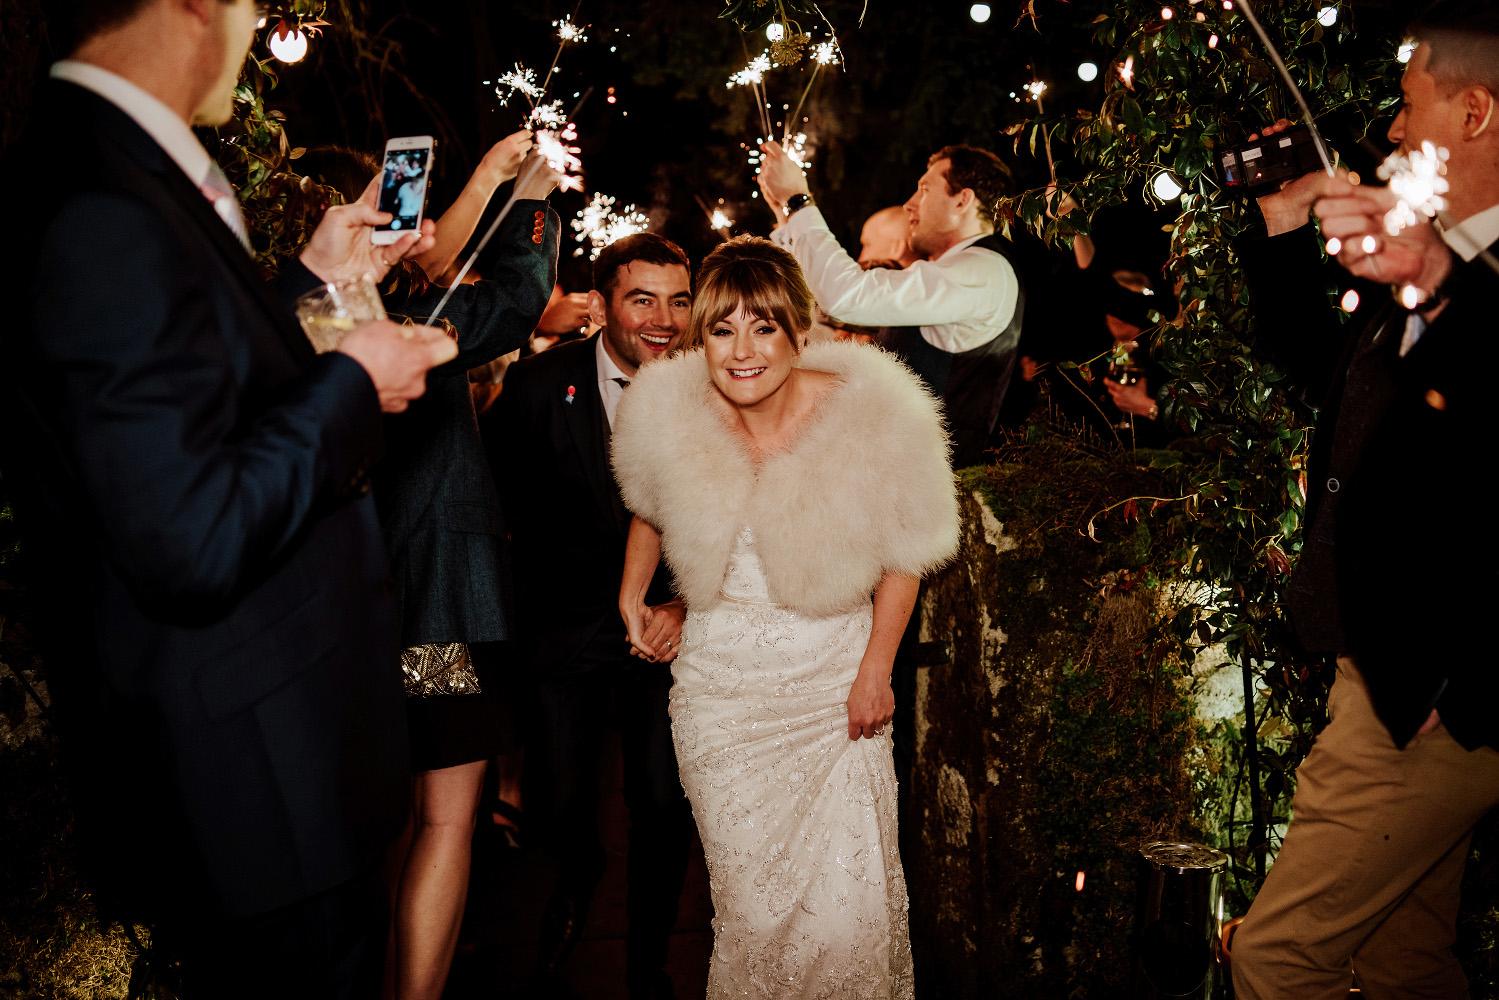 bride ducks under sparklers